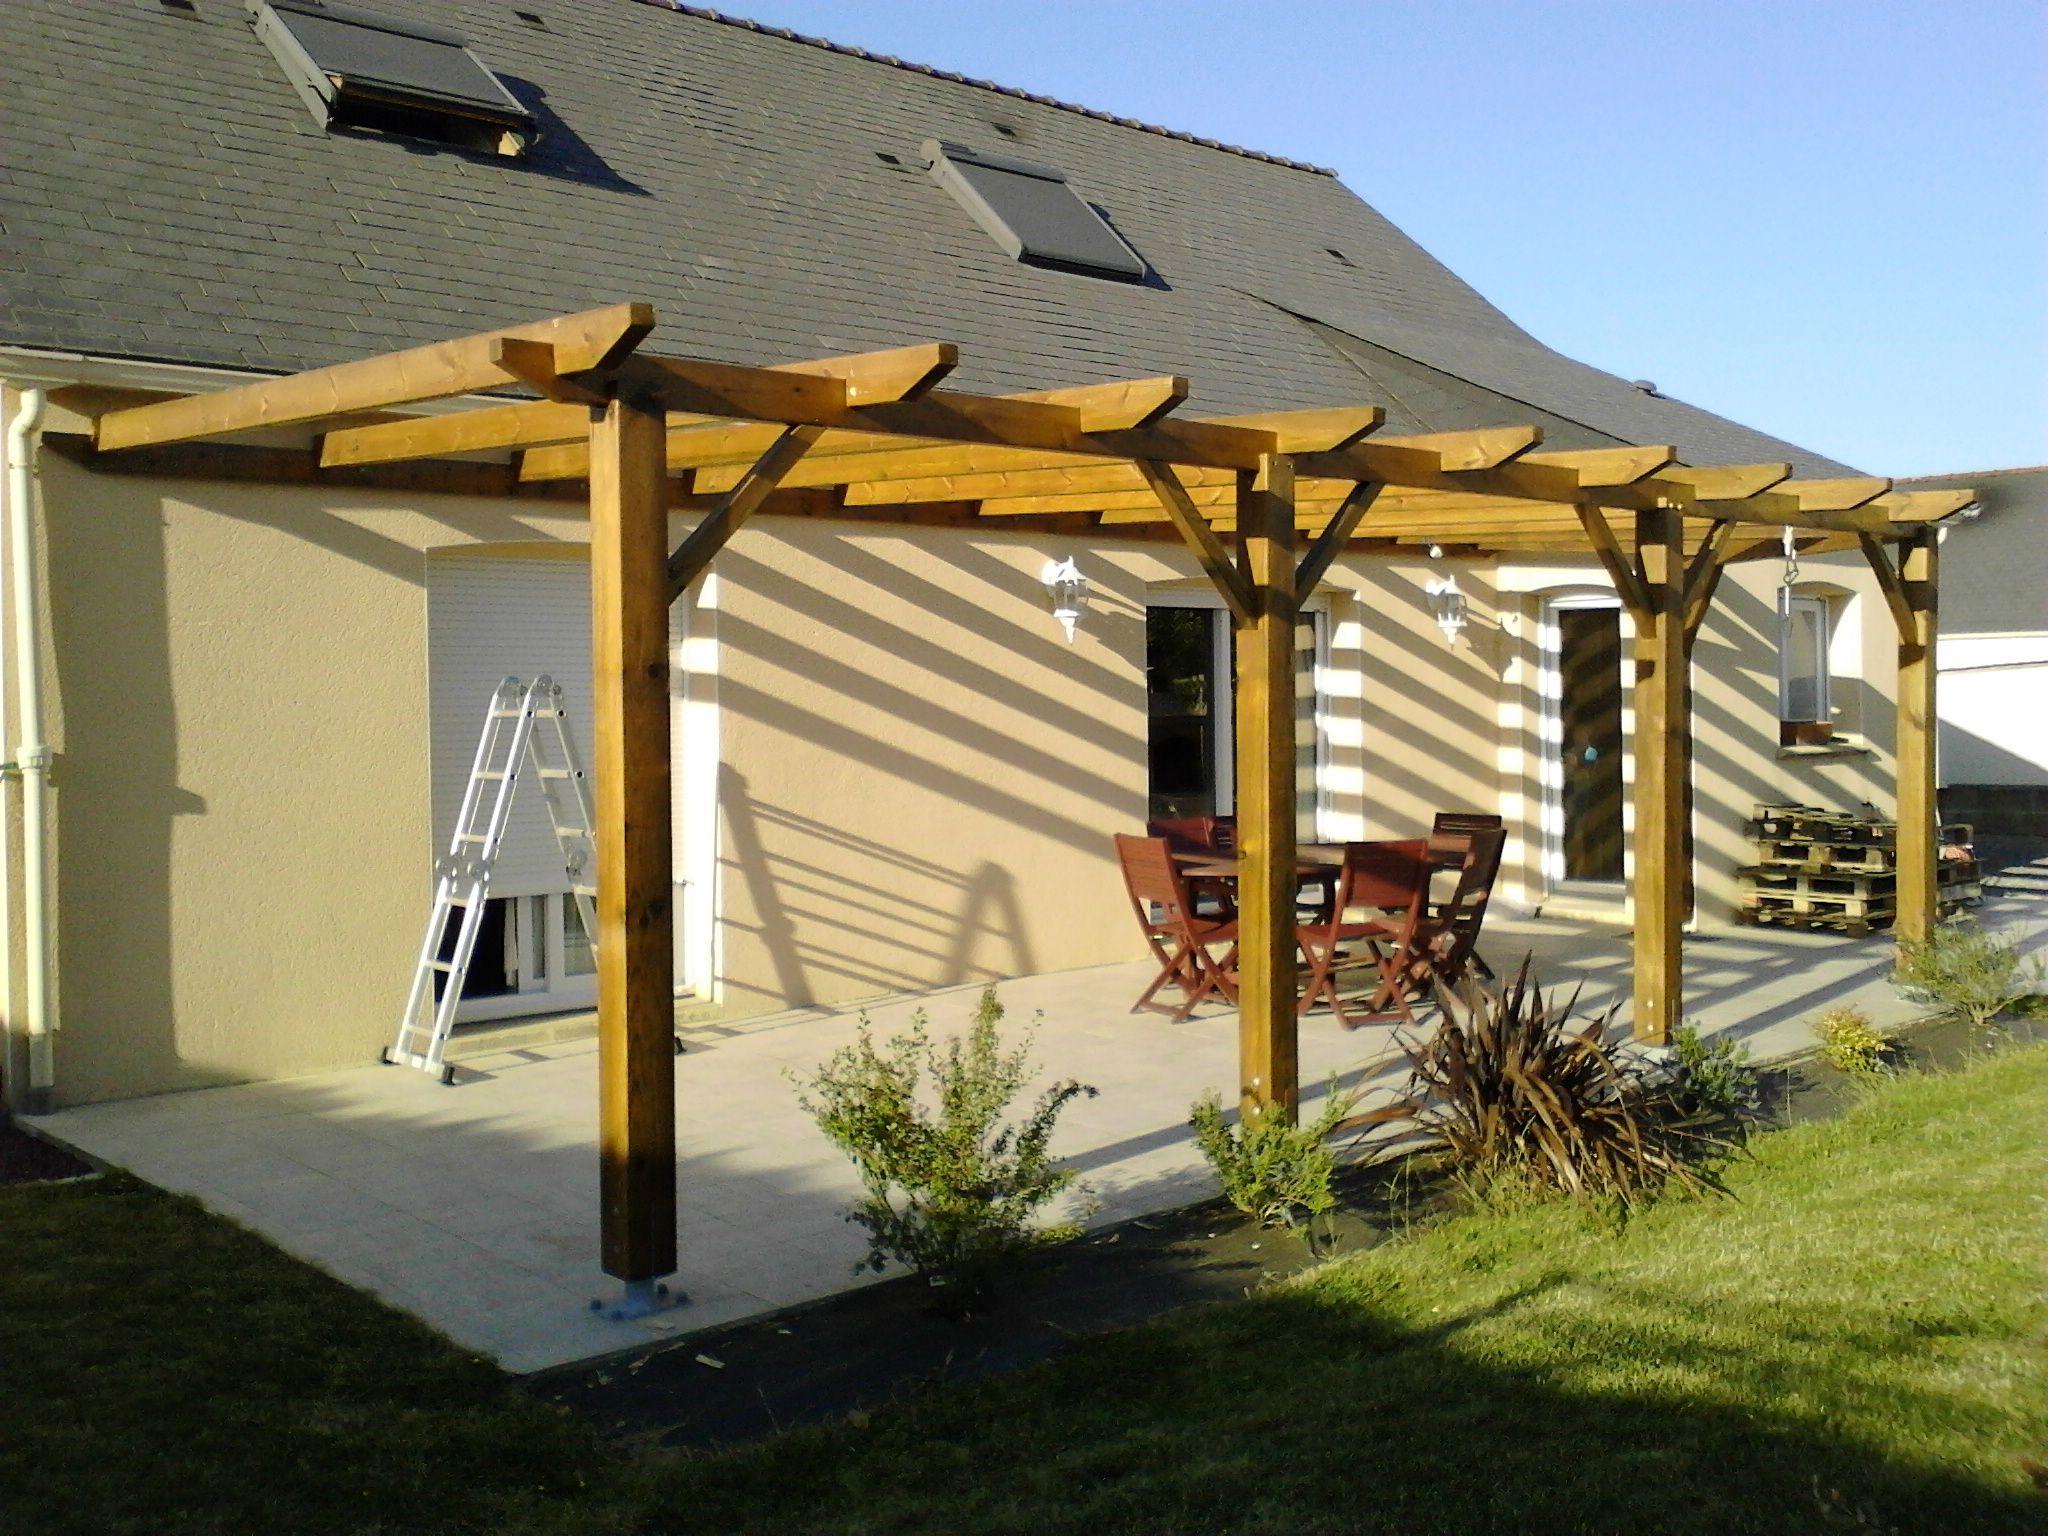 Bien connu Construction d'une pergola en bois Instructions de | Bosch Au  IY99